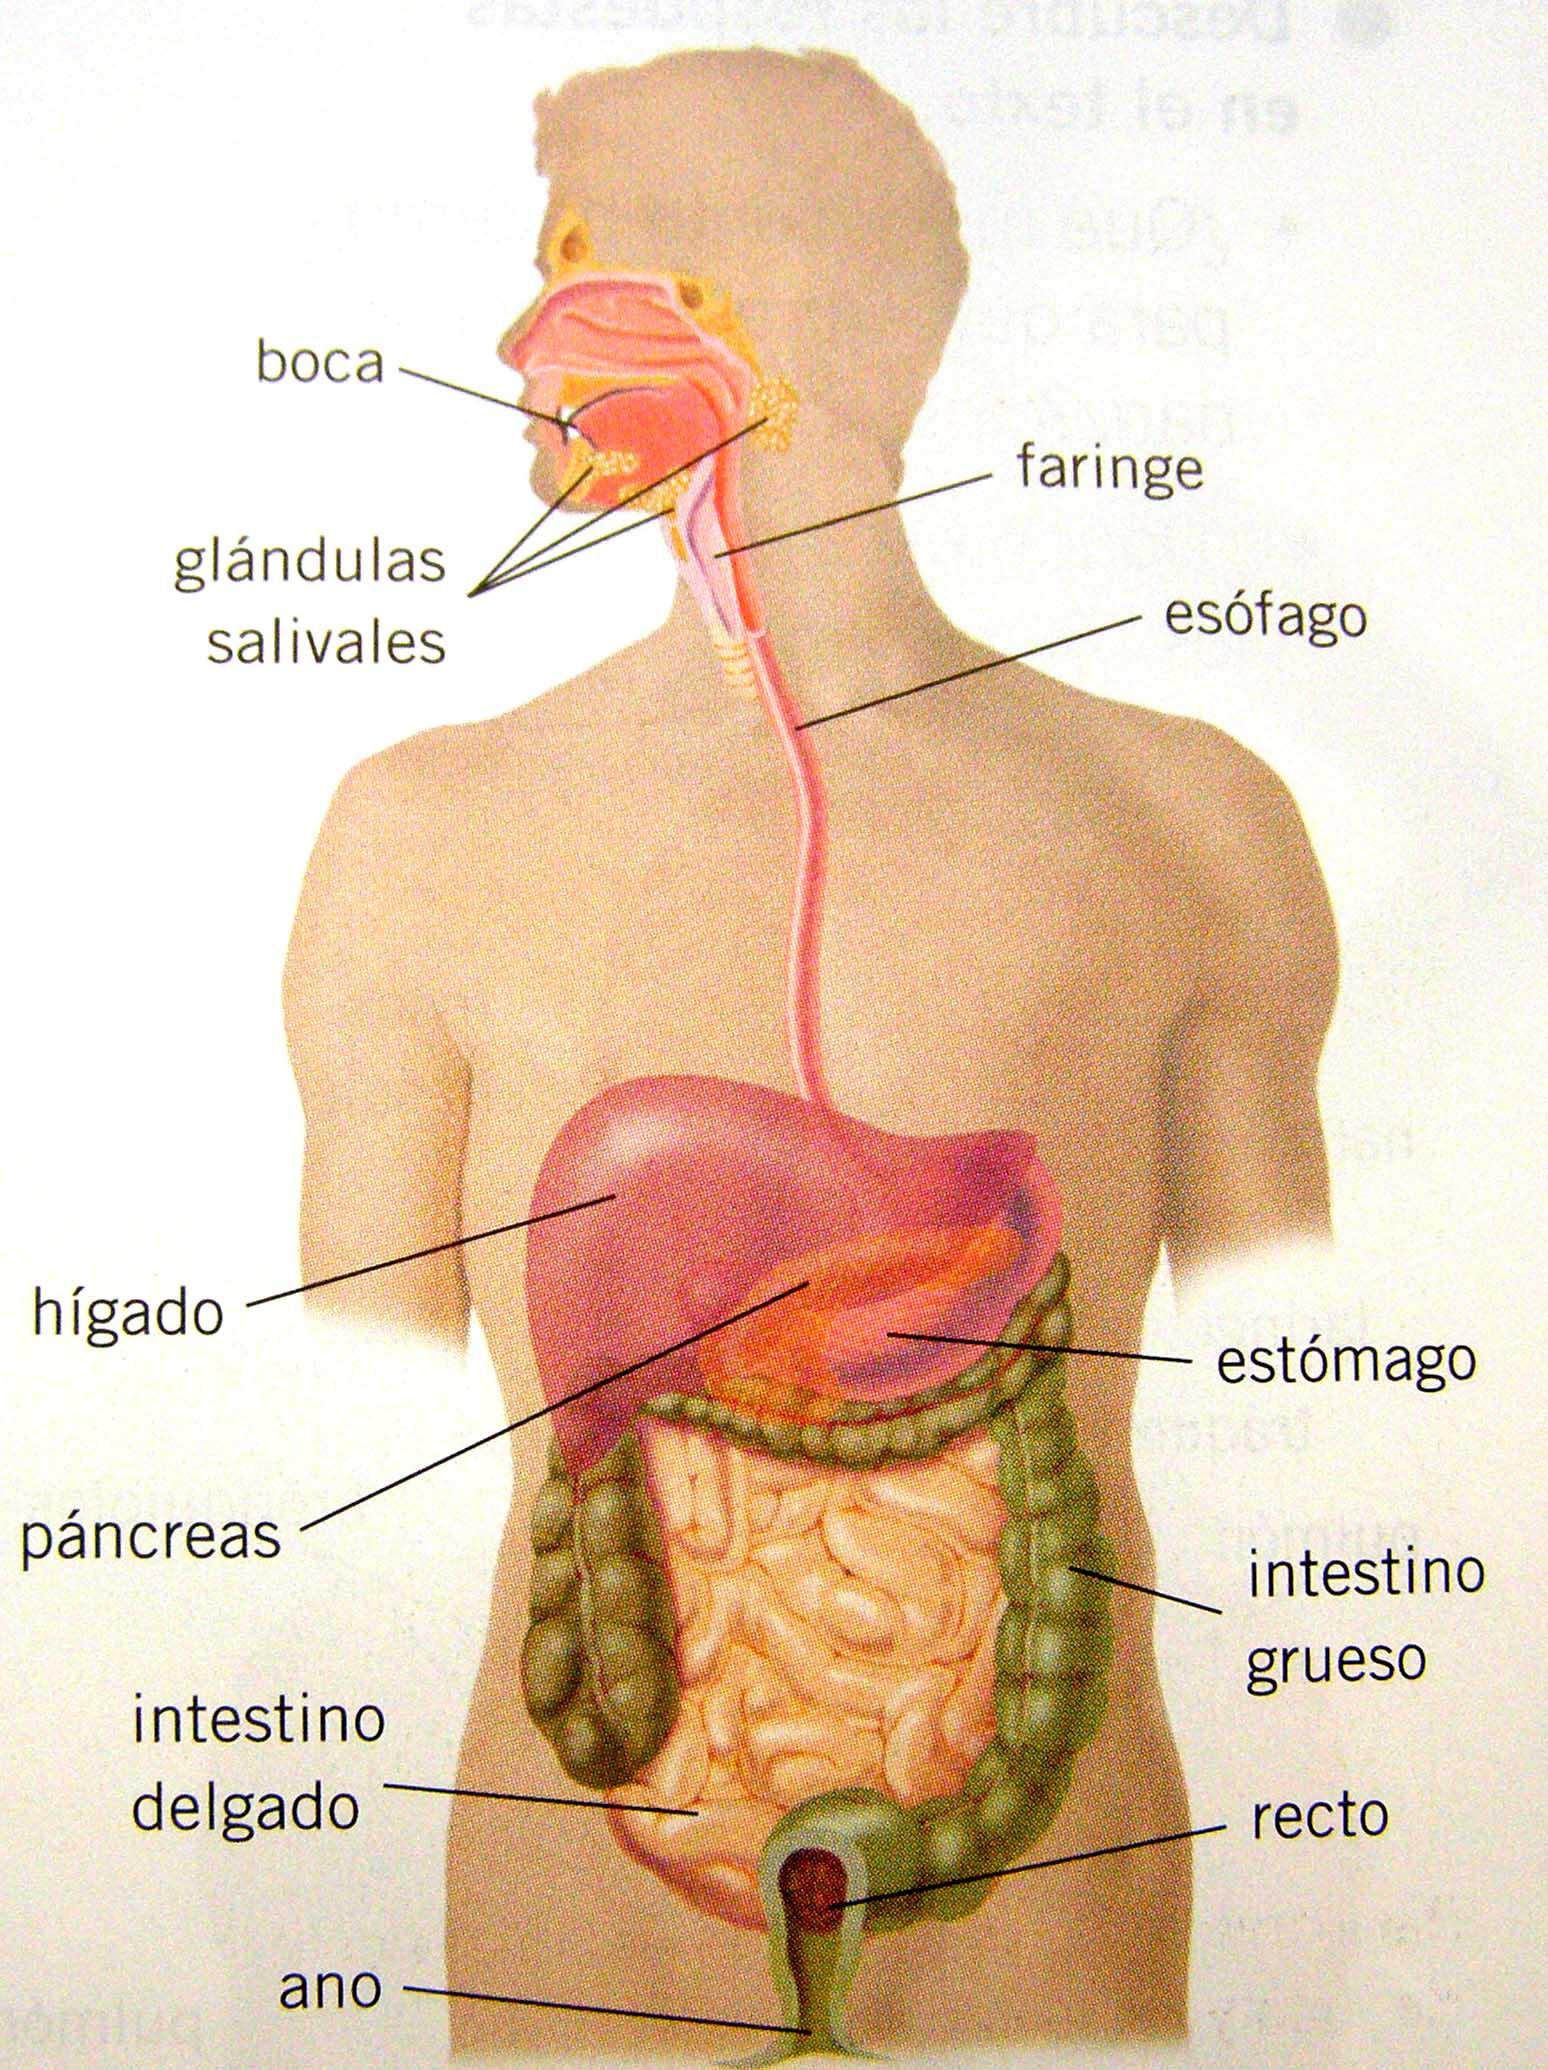 Cuerpo Humano - Aparato Digestivo Básico - Ciencia y Educación ...